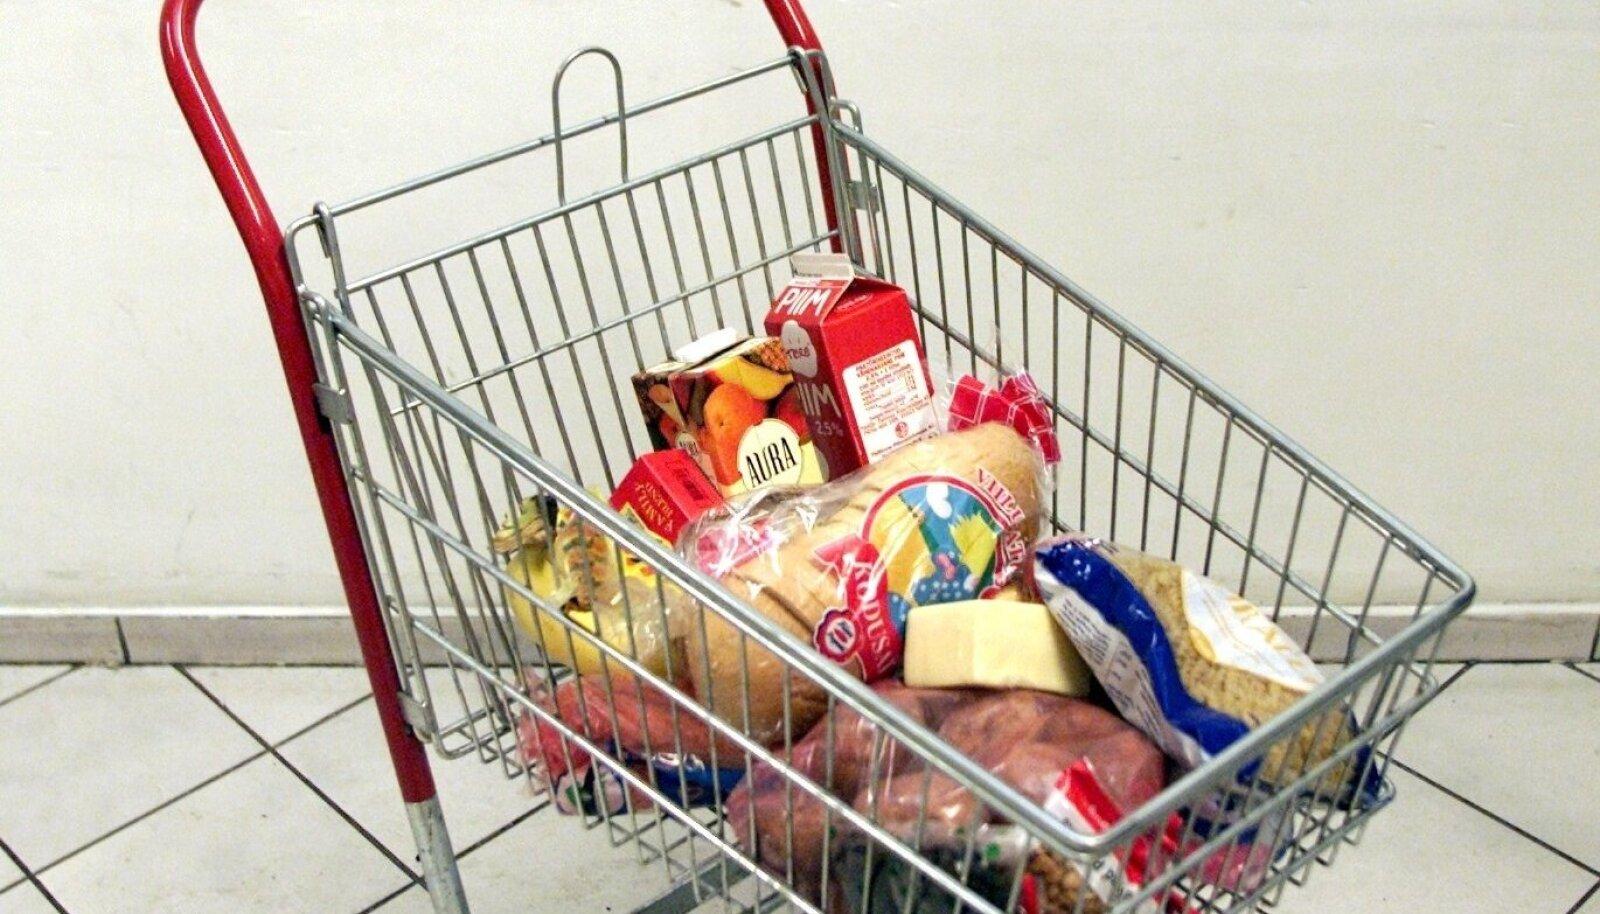 Tänapäeval on valikuvõimalus erinevate toiduainete kaubamäkide vahel palju suurem kui paarkümmend aastat tagasi,